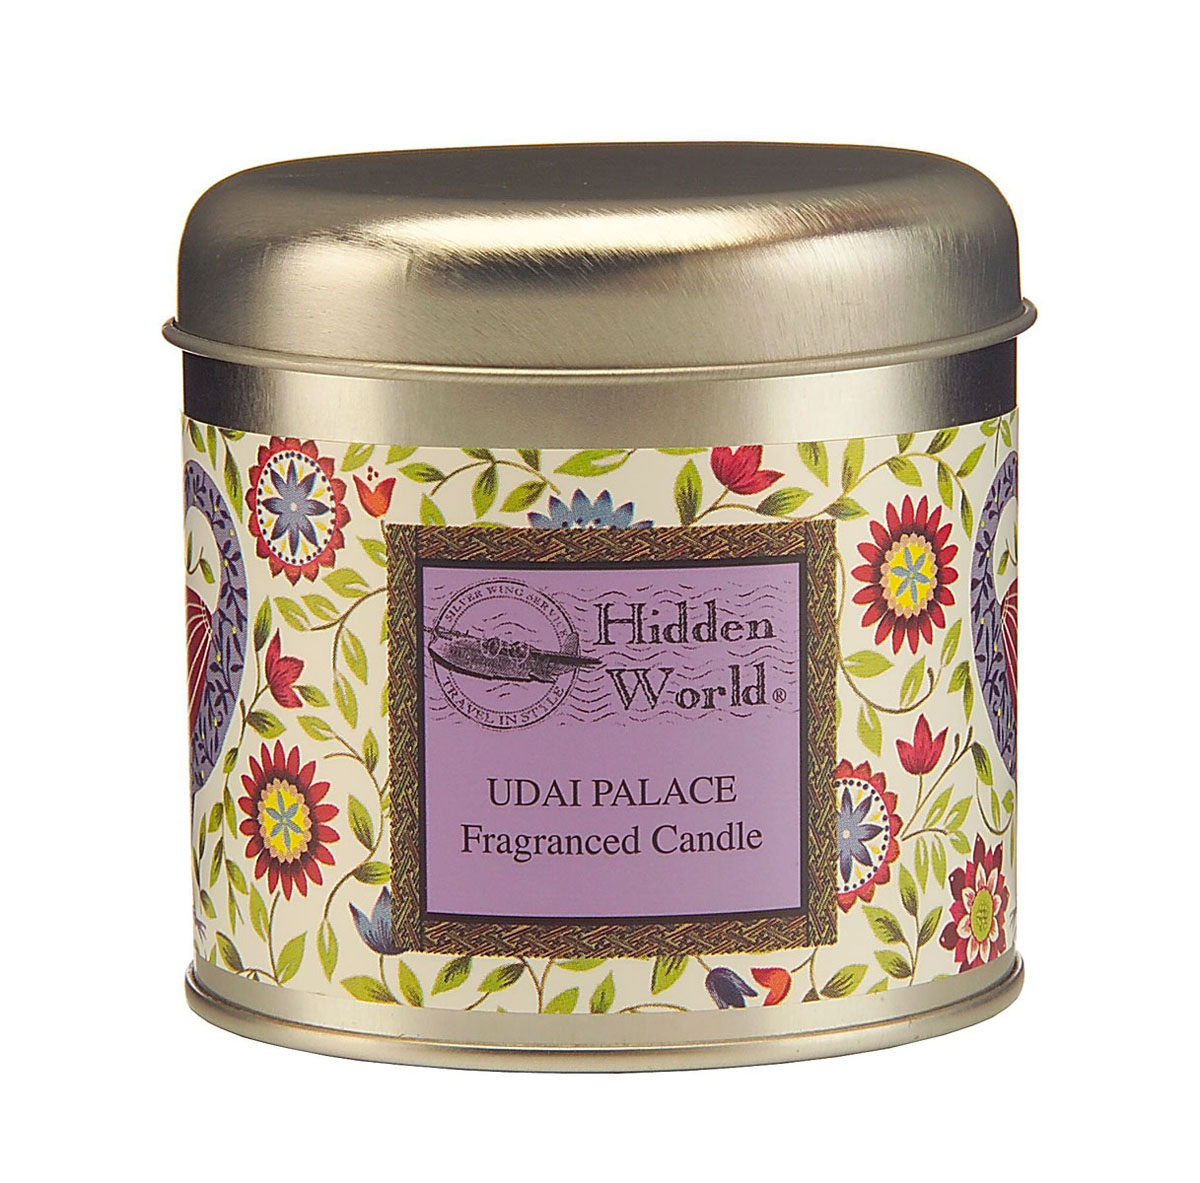 Wax Lyrical Дворец махараджи ароматическая свеча в алюминии, 35 часовES-412Расслабляющий аромат лаванды с прохладными верхними нотами бергамотаи эвкалипта